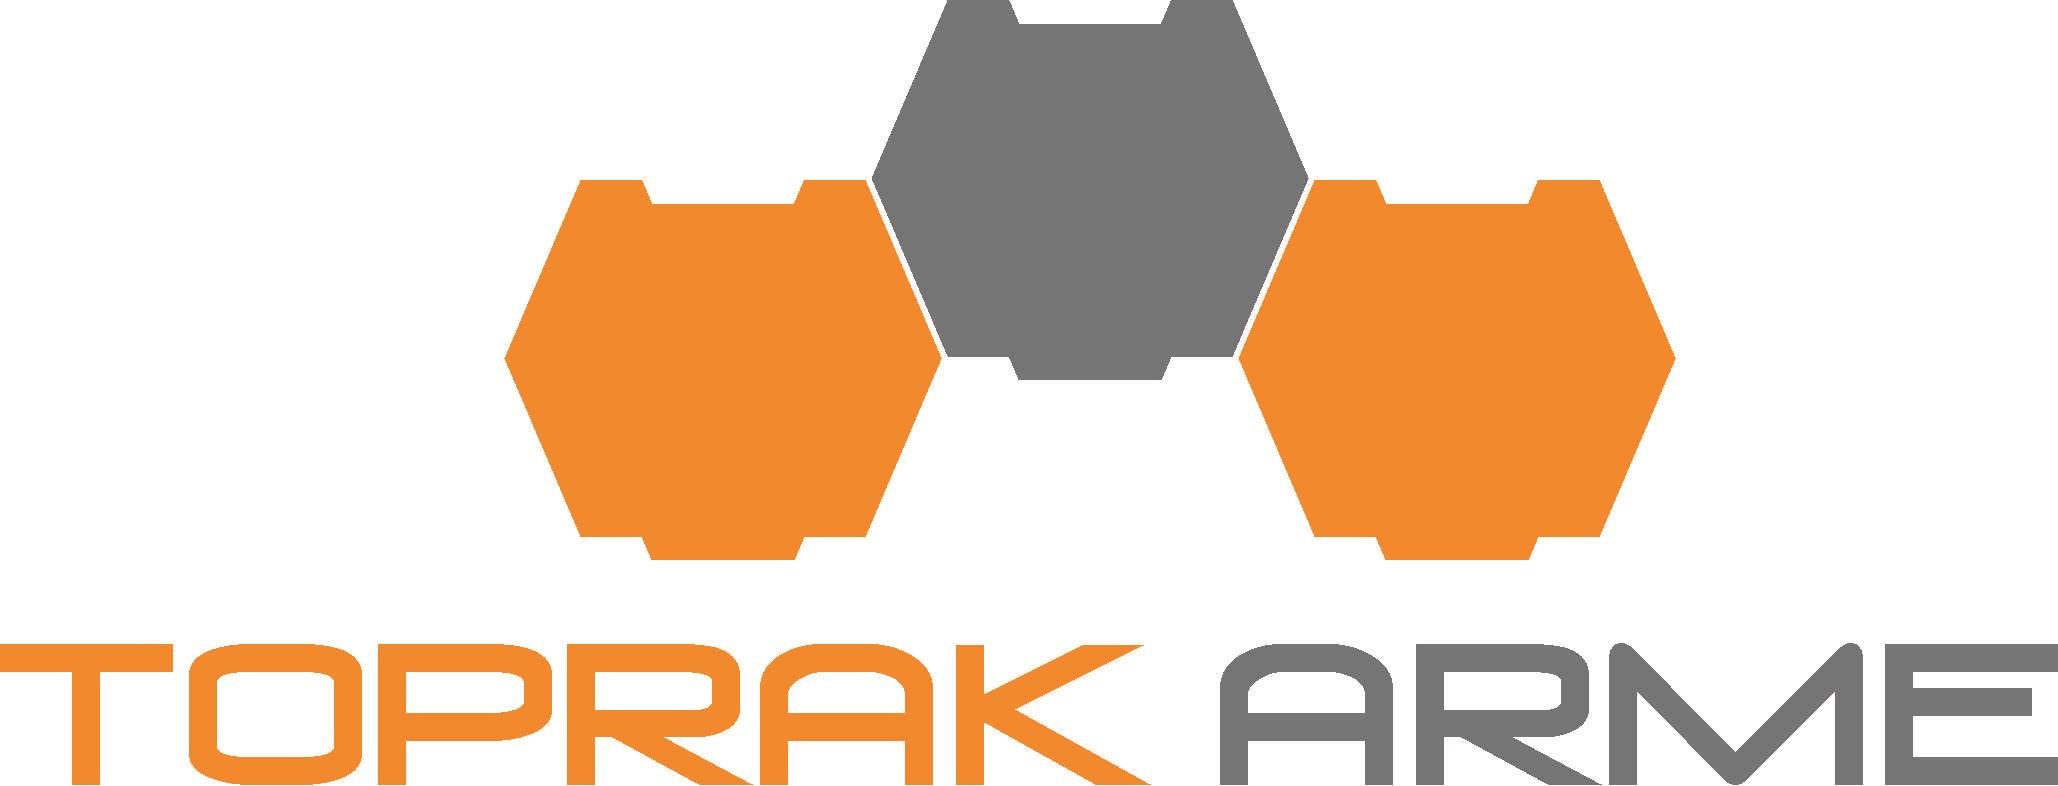 logo üstte